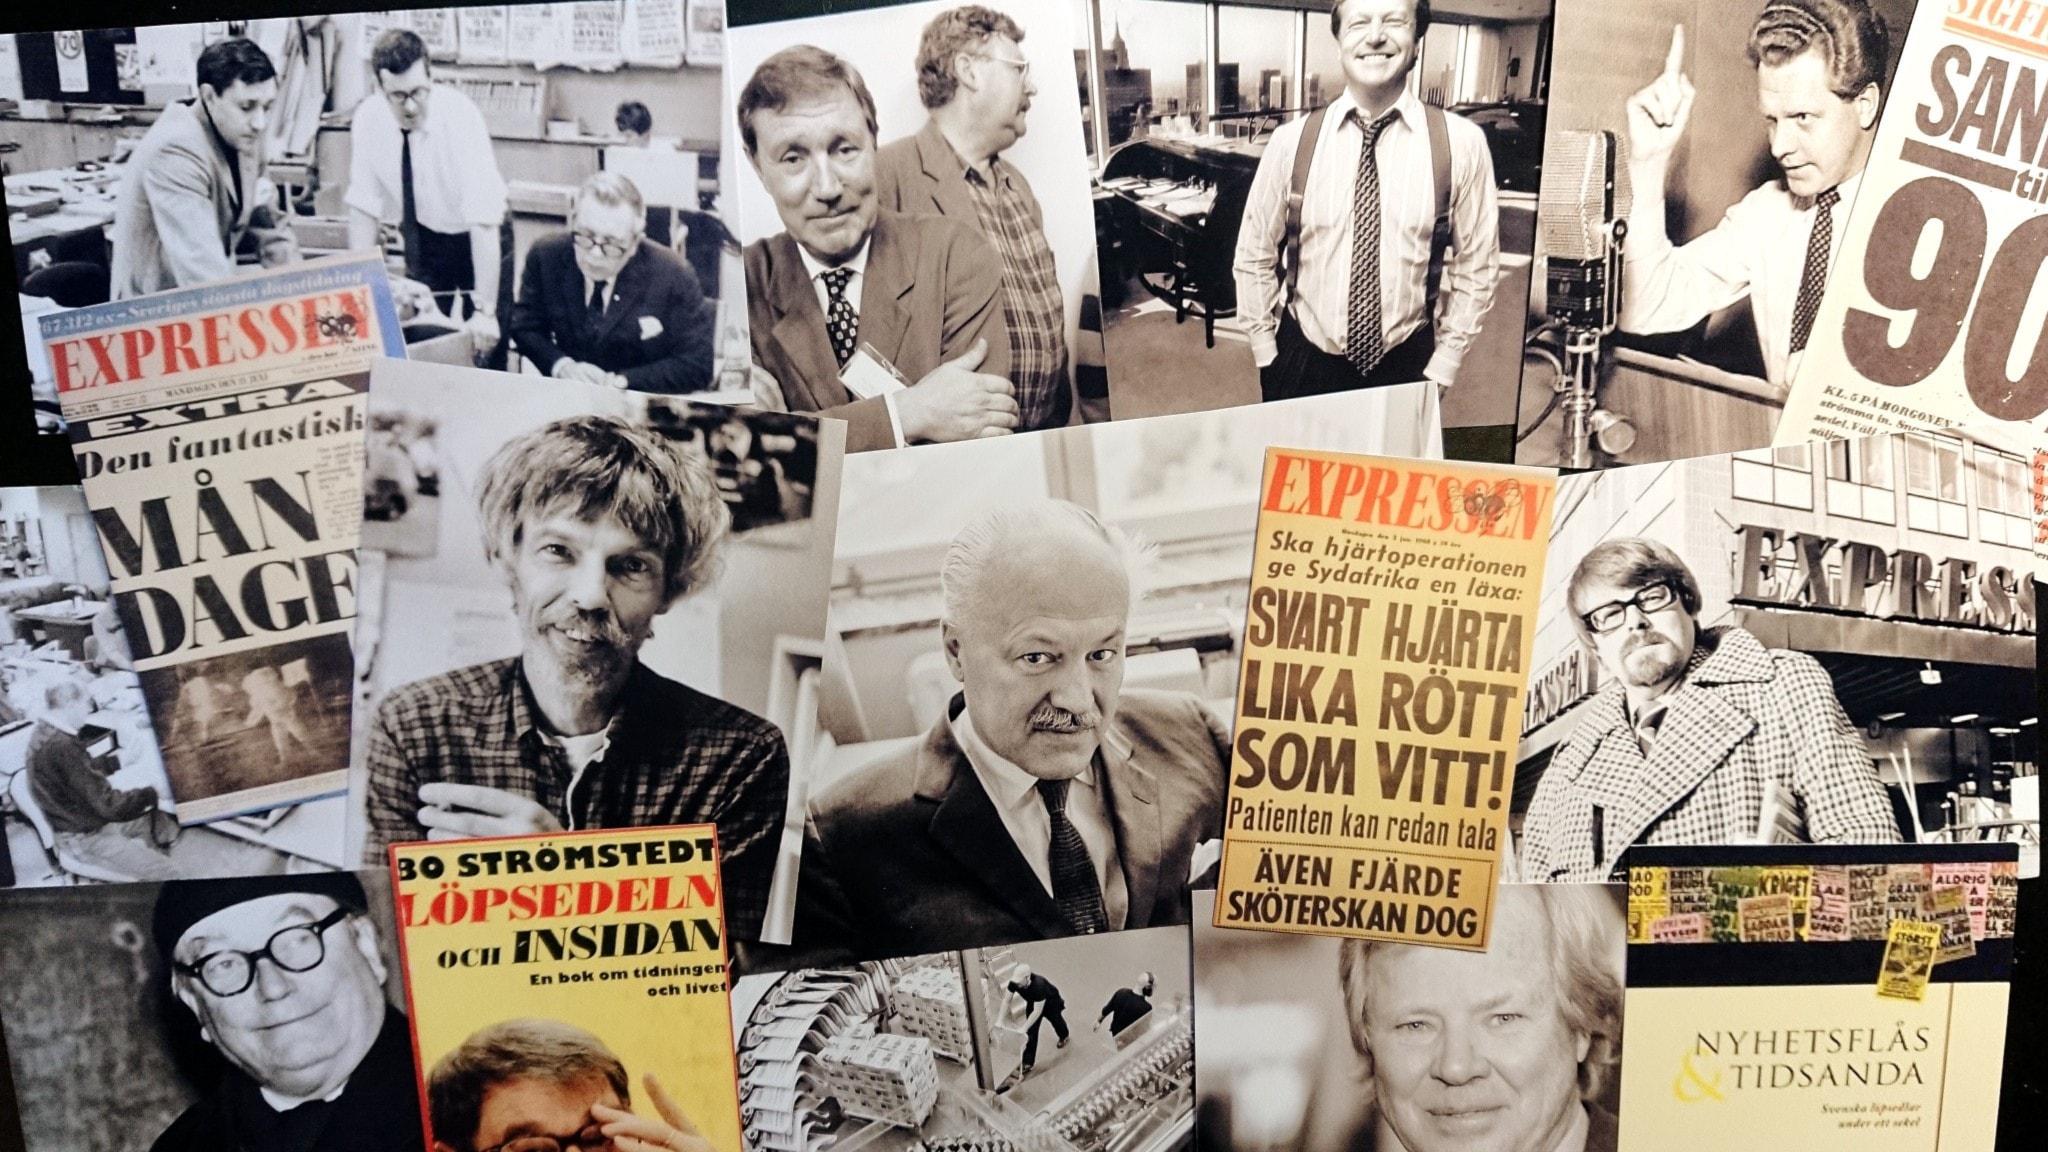 Bilden är ett collage av olika personer med koppling till Expressen.